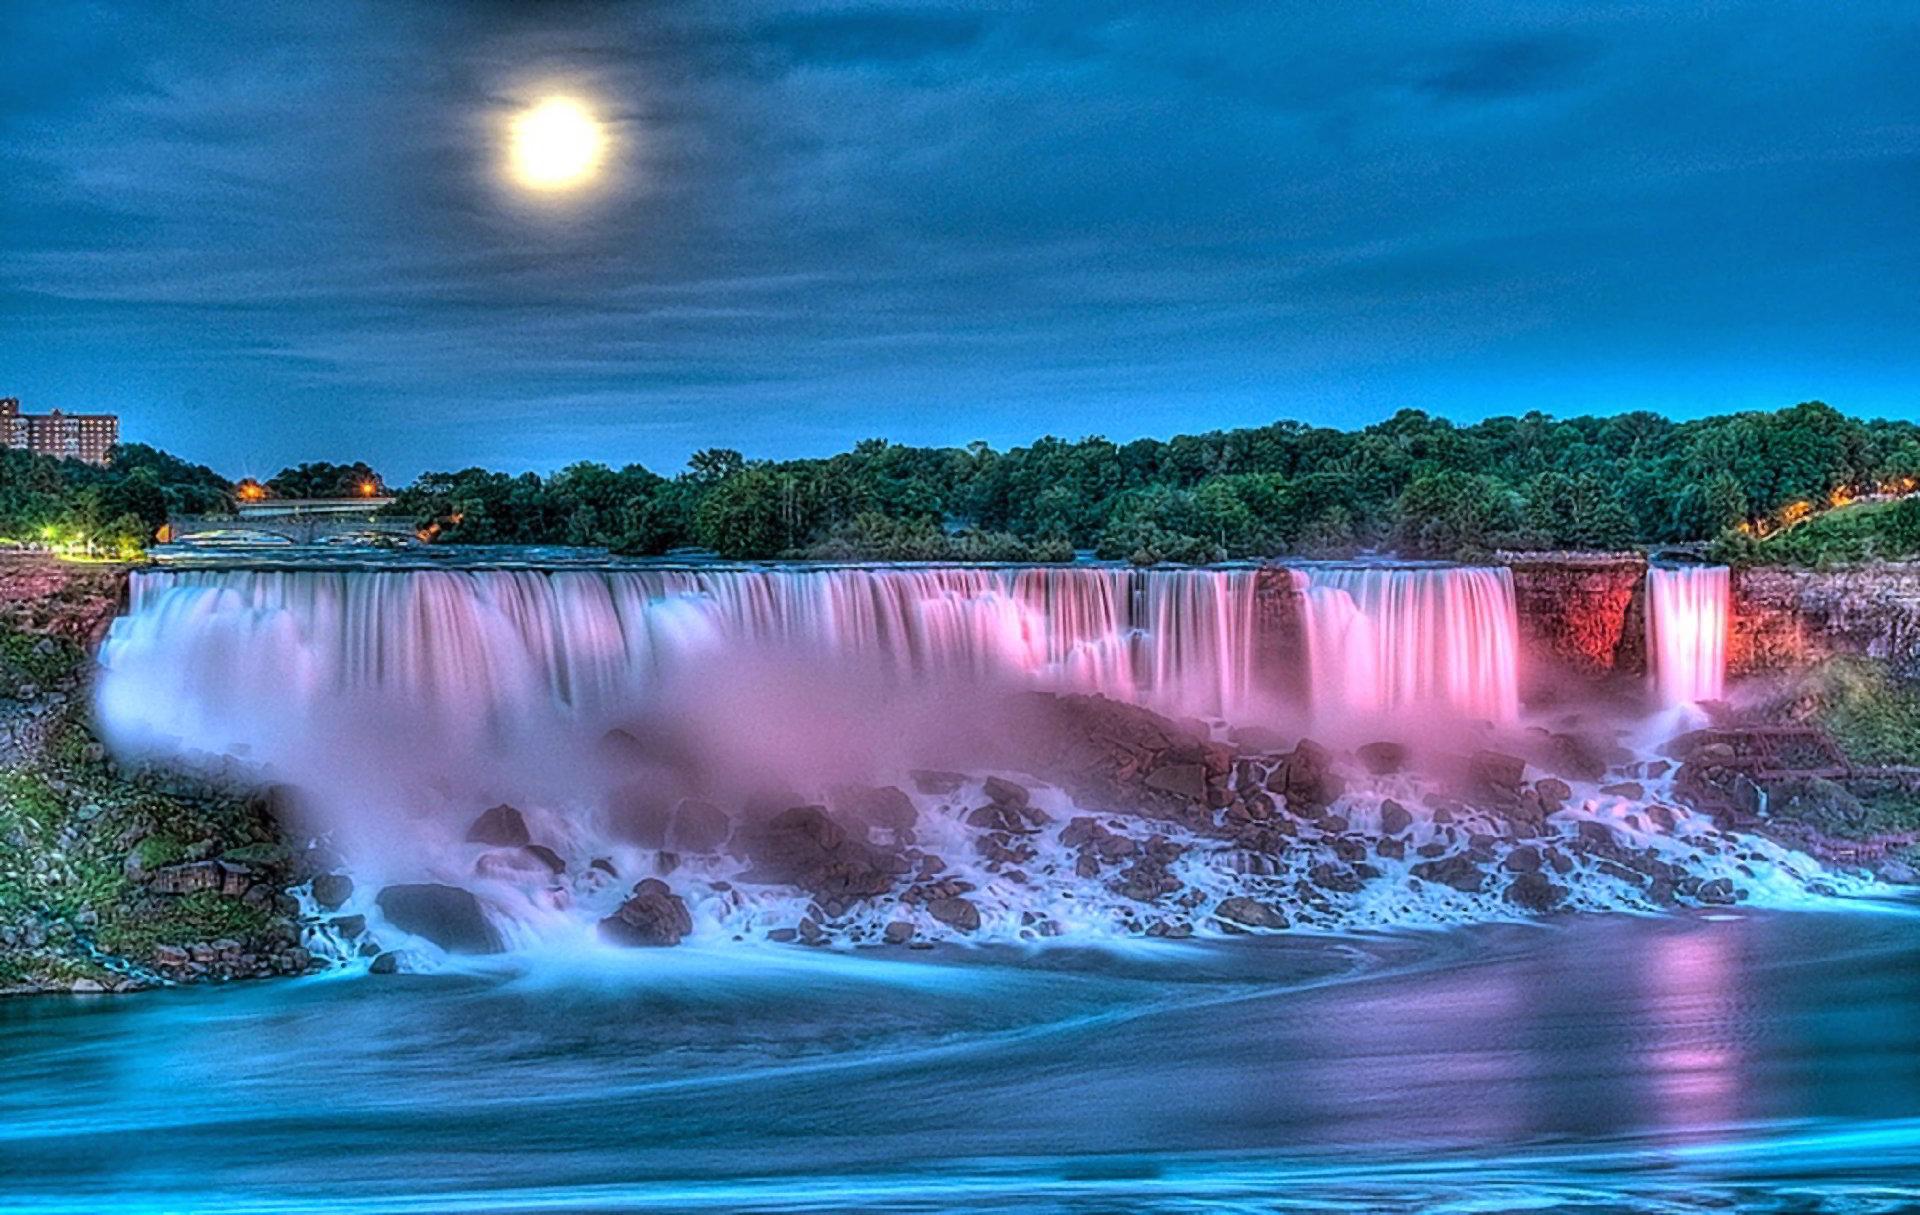 Live Niagara Falls Wallpaper Bộ Sưu Tập H 236 Nh ảnh Th 225 C Nước đẹp Nhất Thế Giới Nh 236 N L 224 M 234